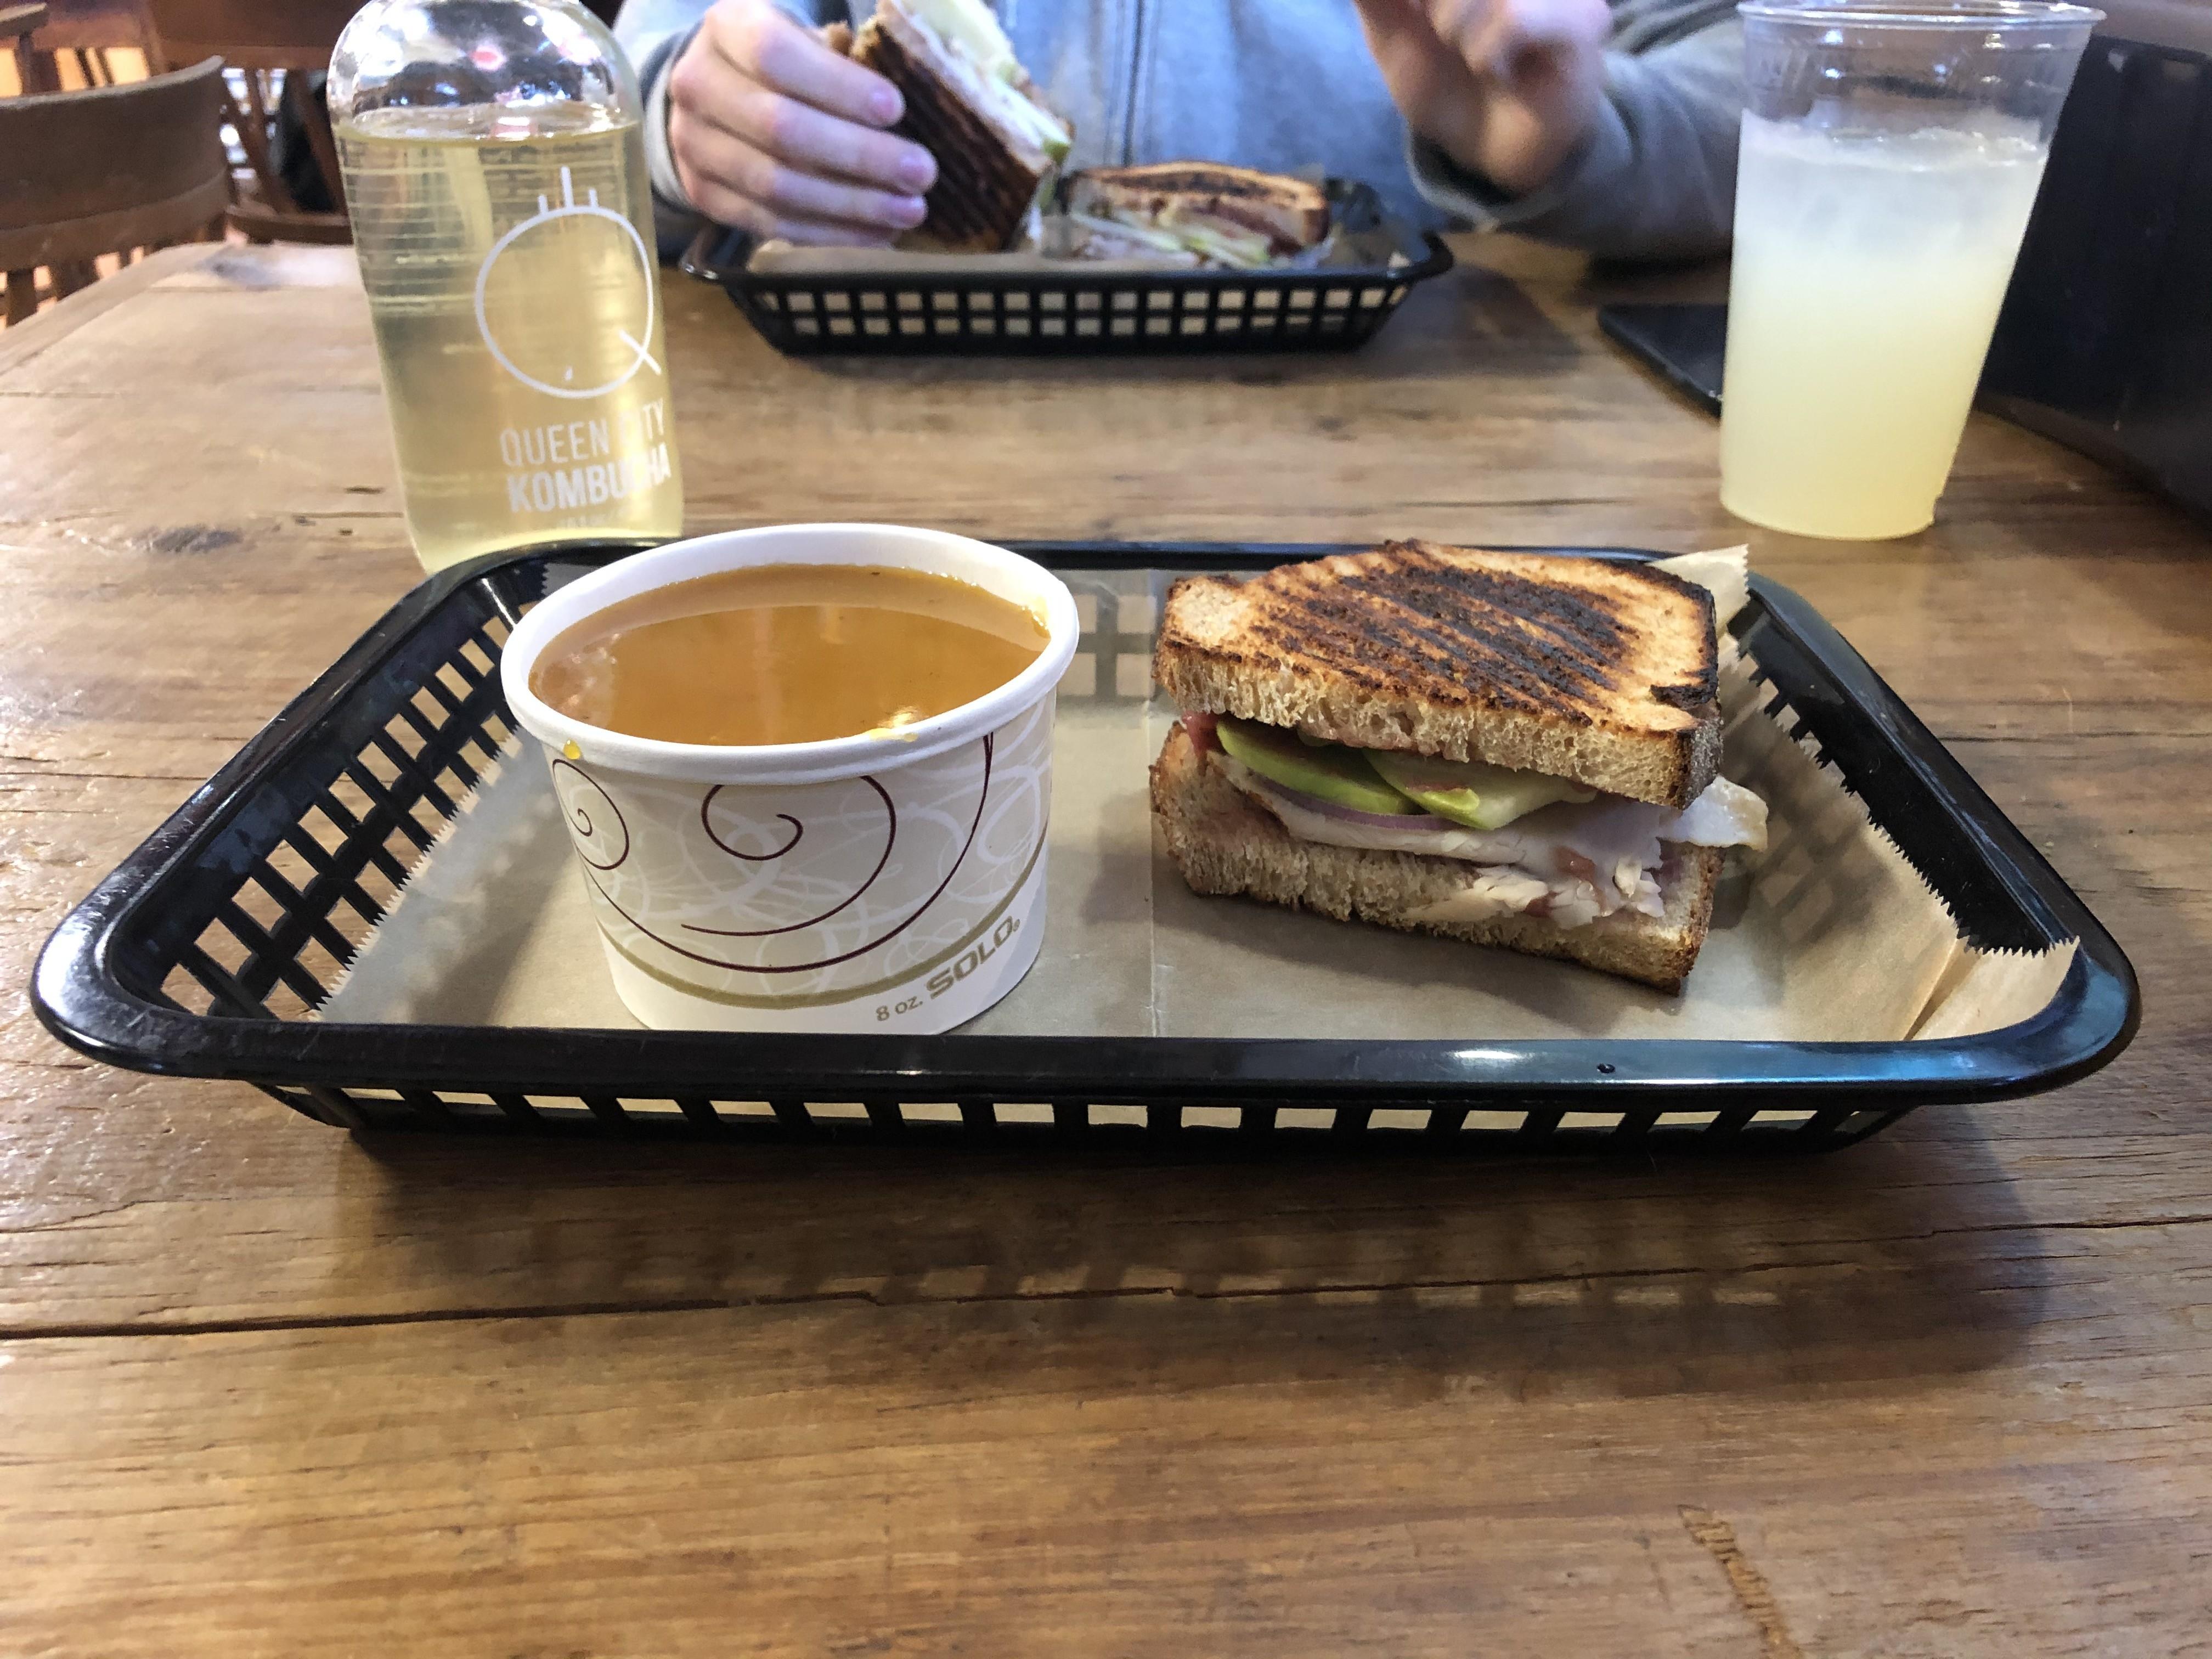 Dining on a Dime: Garden of Eatin' Café